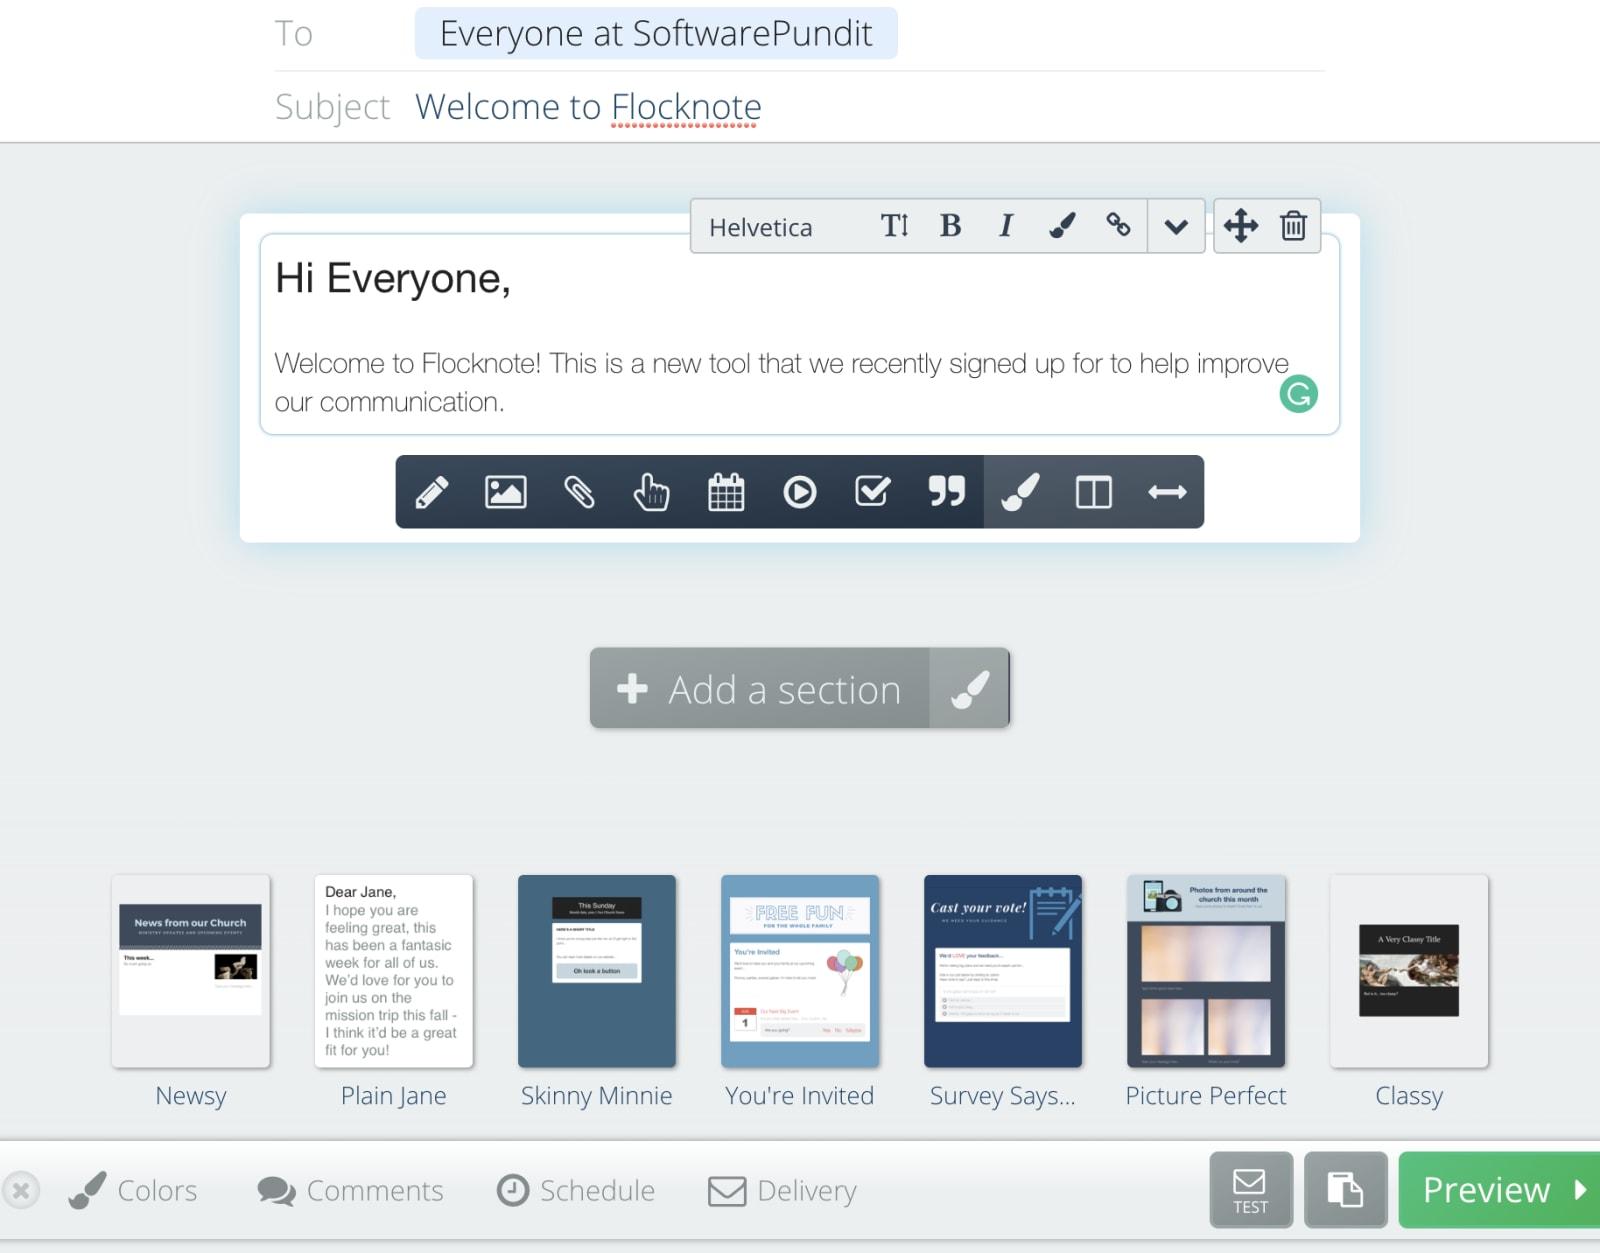 Flocknote email builder